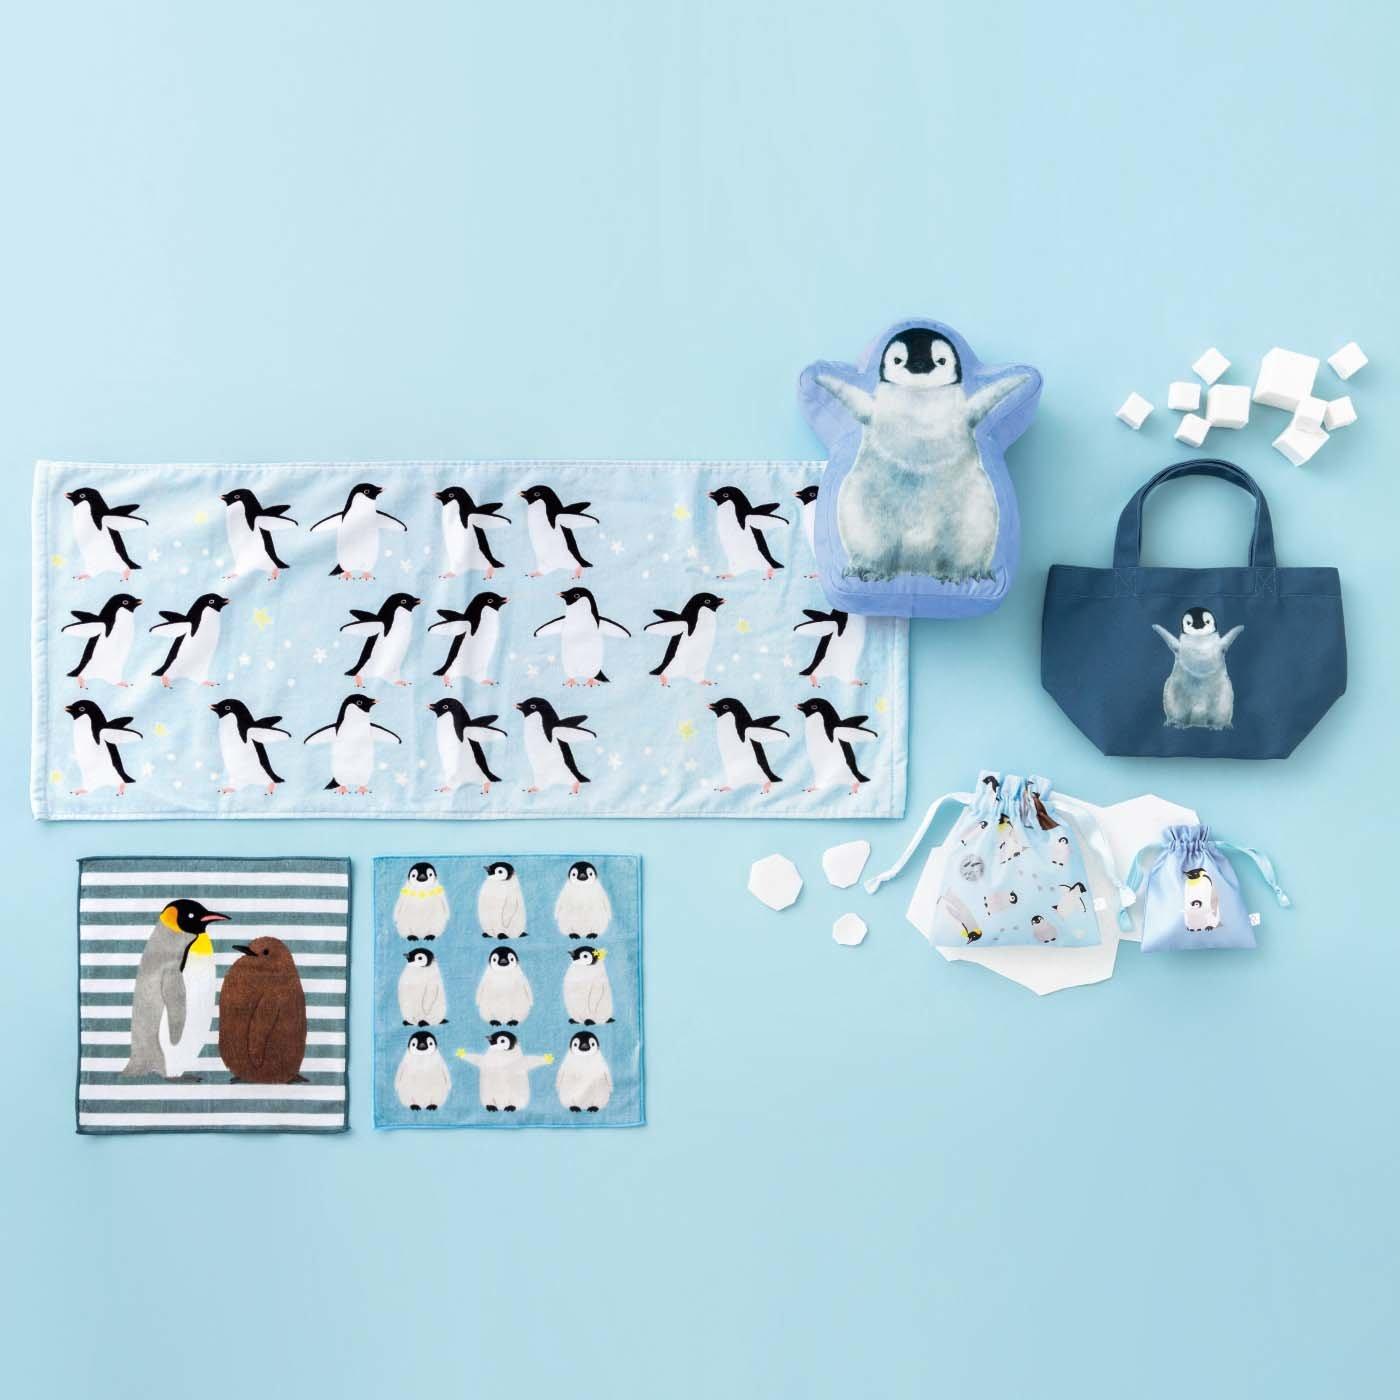 YOU+MORE! ペンギン好きさんのためのペンギン雑貨コレクションの会